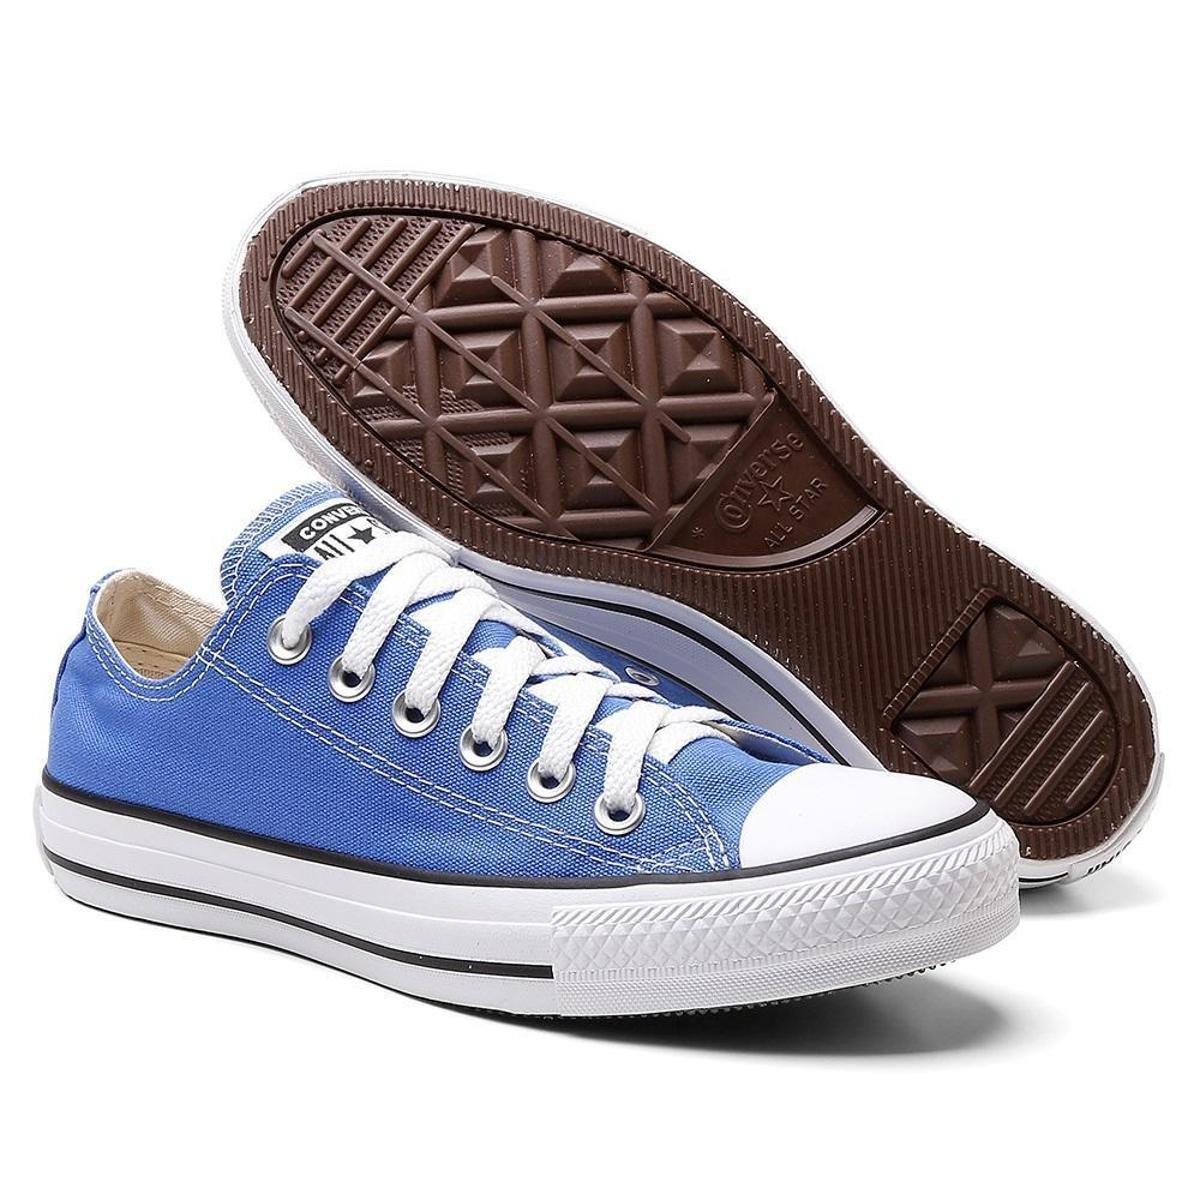 Tênis All Star Converse Liso Cadarço Cano Baixo Feminino - Azul